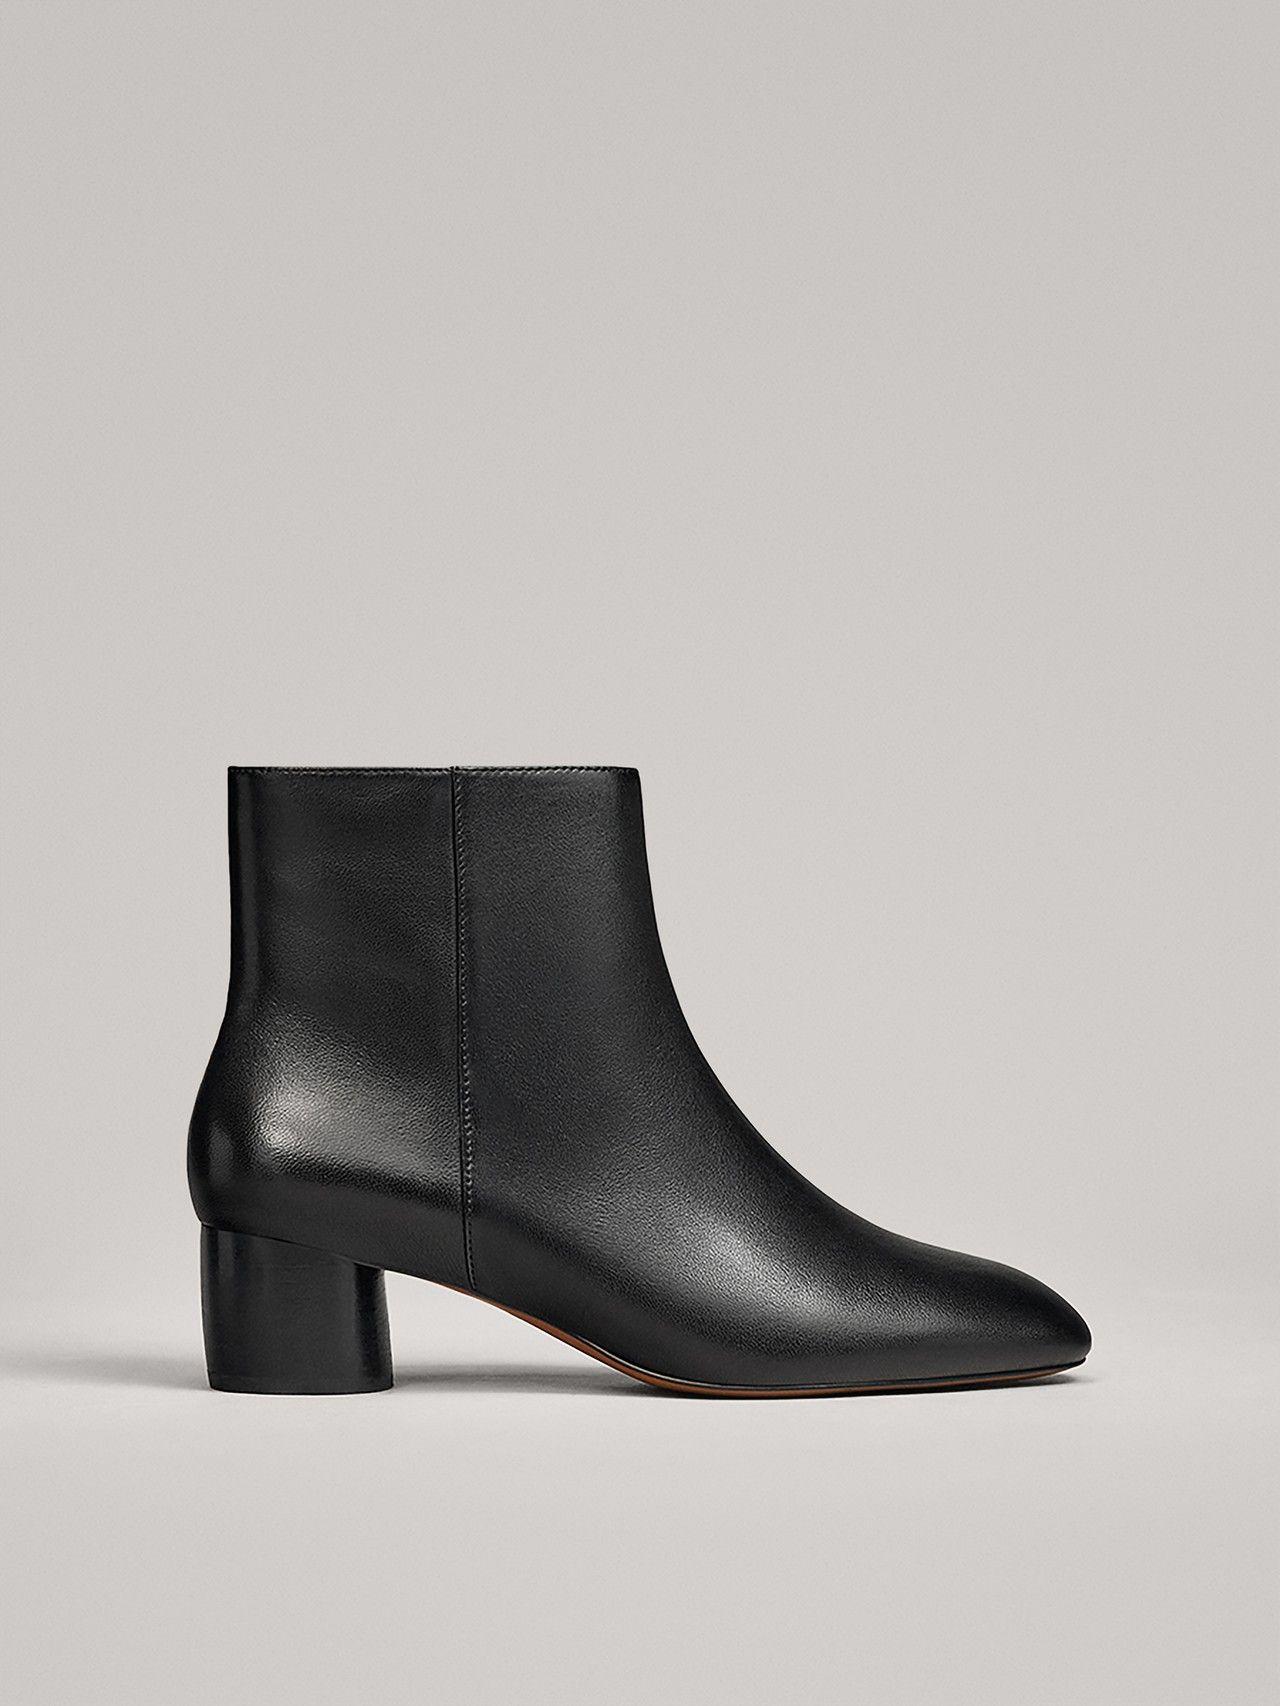 Schwarze Stiefeletten Mit Rundem Absatz Black Ankle Boots Boots